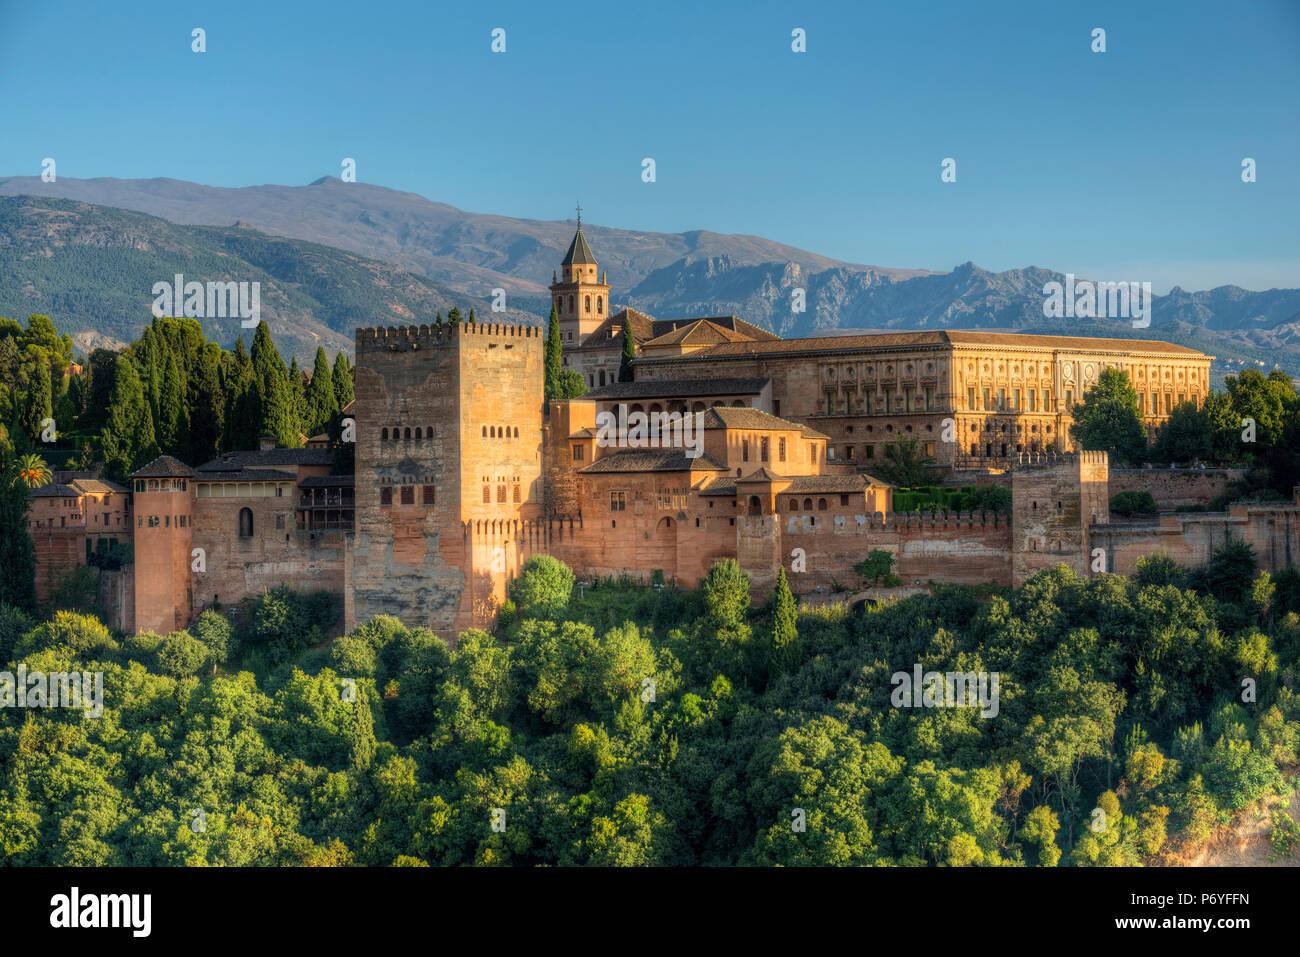 La Alhambra desde El Albaicín, declarado Patrimonio de la Humanidad por la UNESCO, Granada, Andalucía, España Imagen De Stock